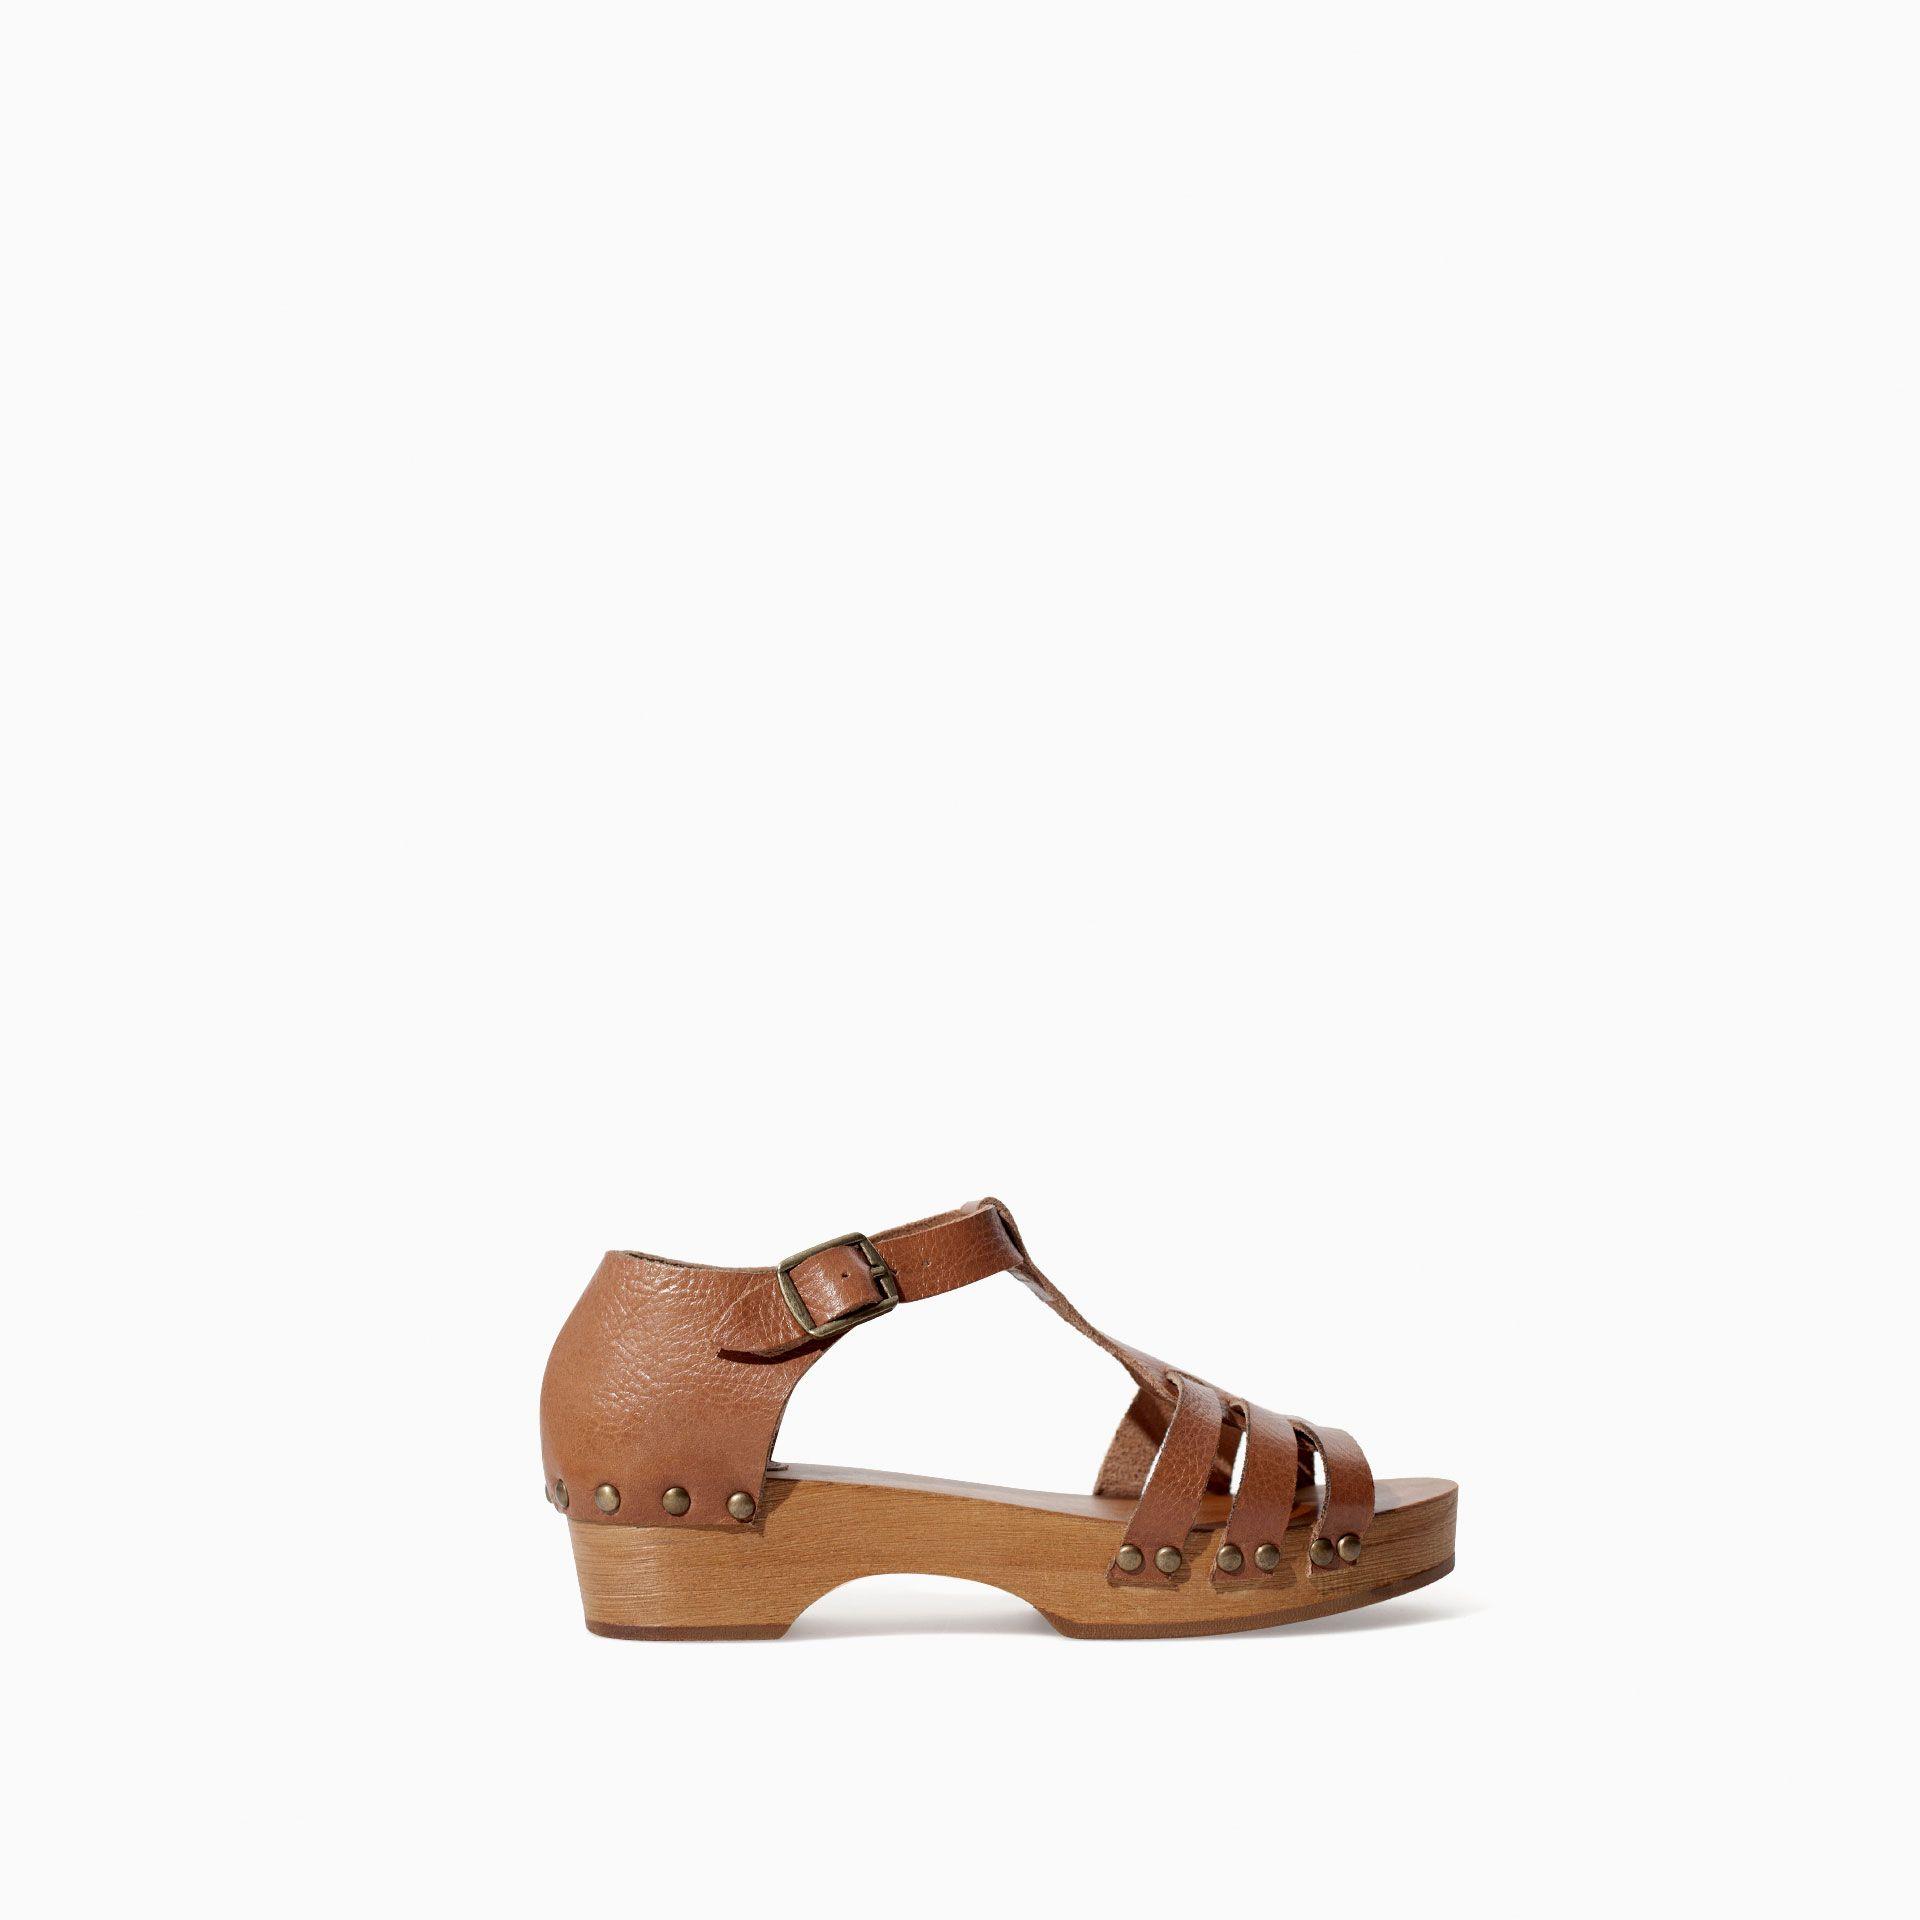 Zueco Madera AñosNiñosZara España Zapatos Niña3 14 Piel TlJ5Fu13Kc